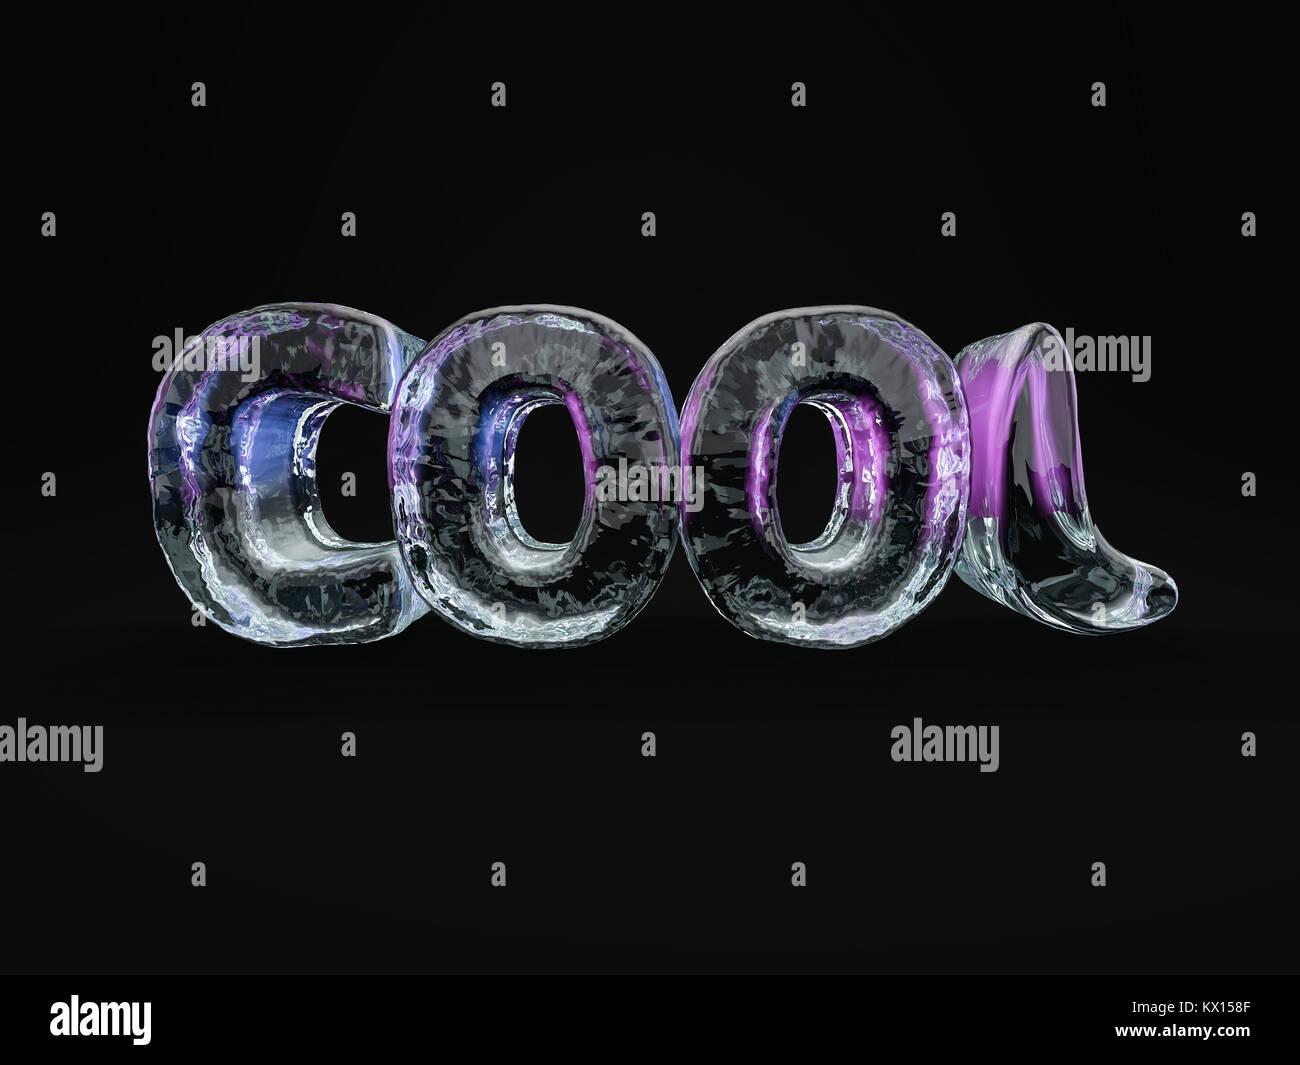 Wort Cool Aus Eis Buchstaben Auf Schwarzem Hintergrund 3d Rendering